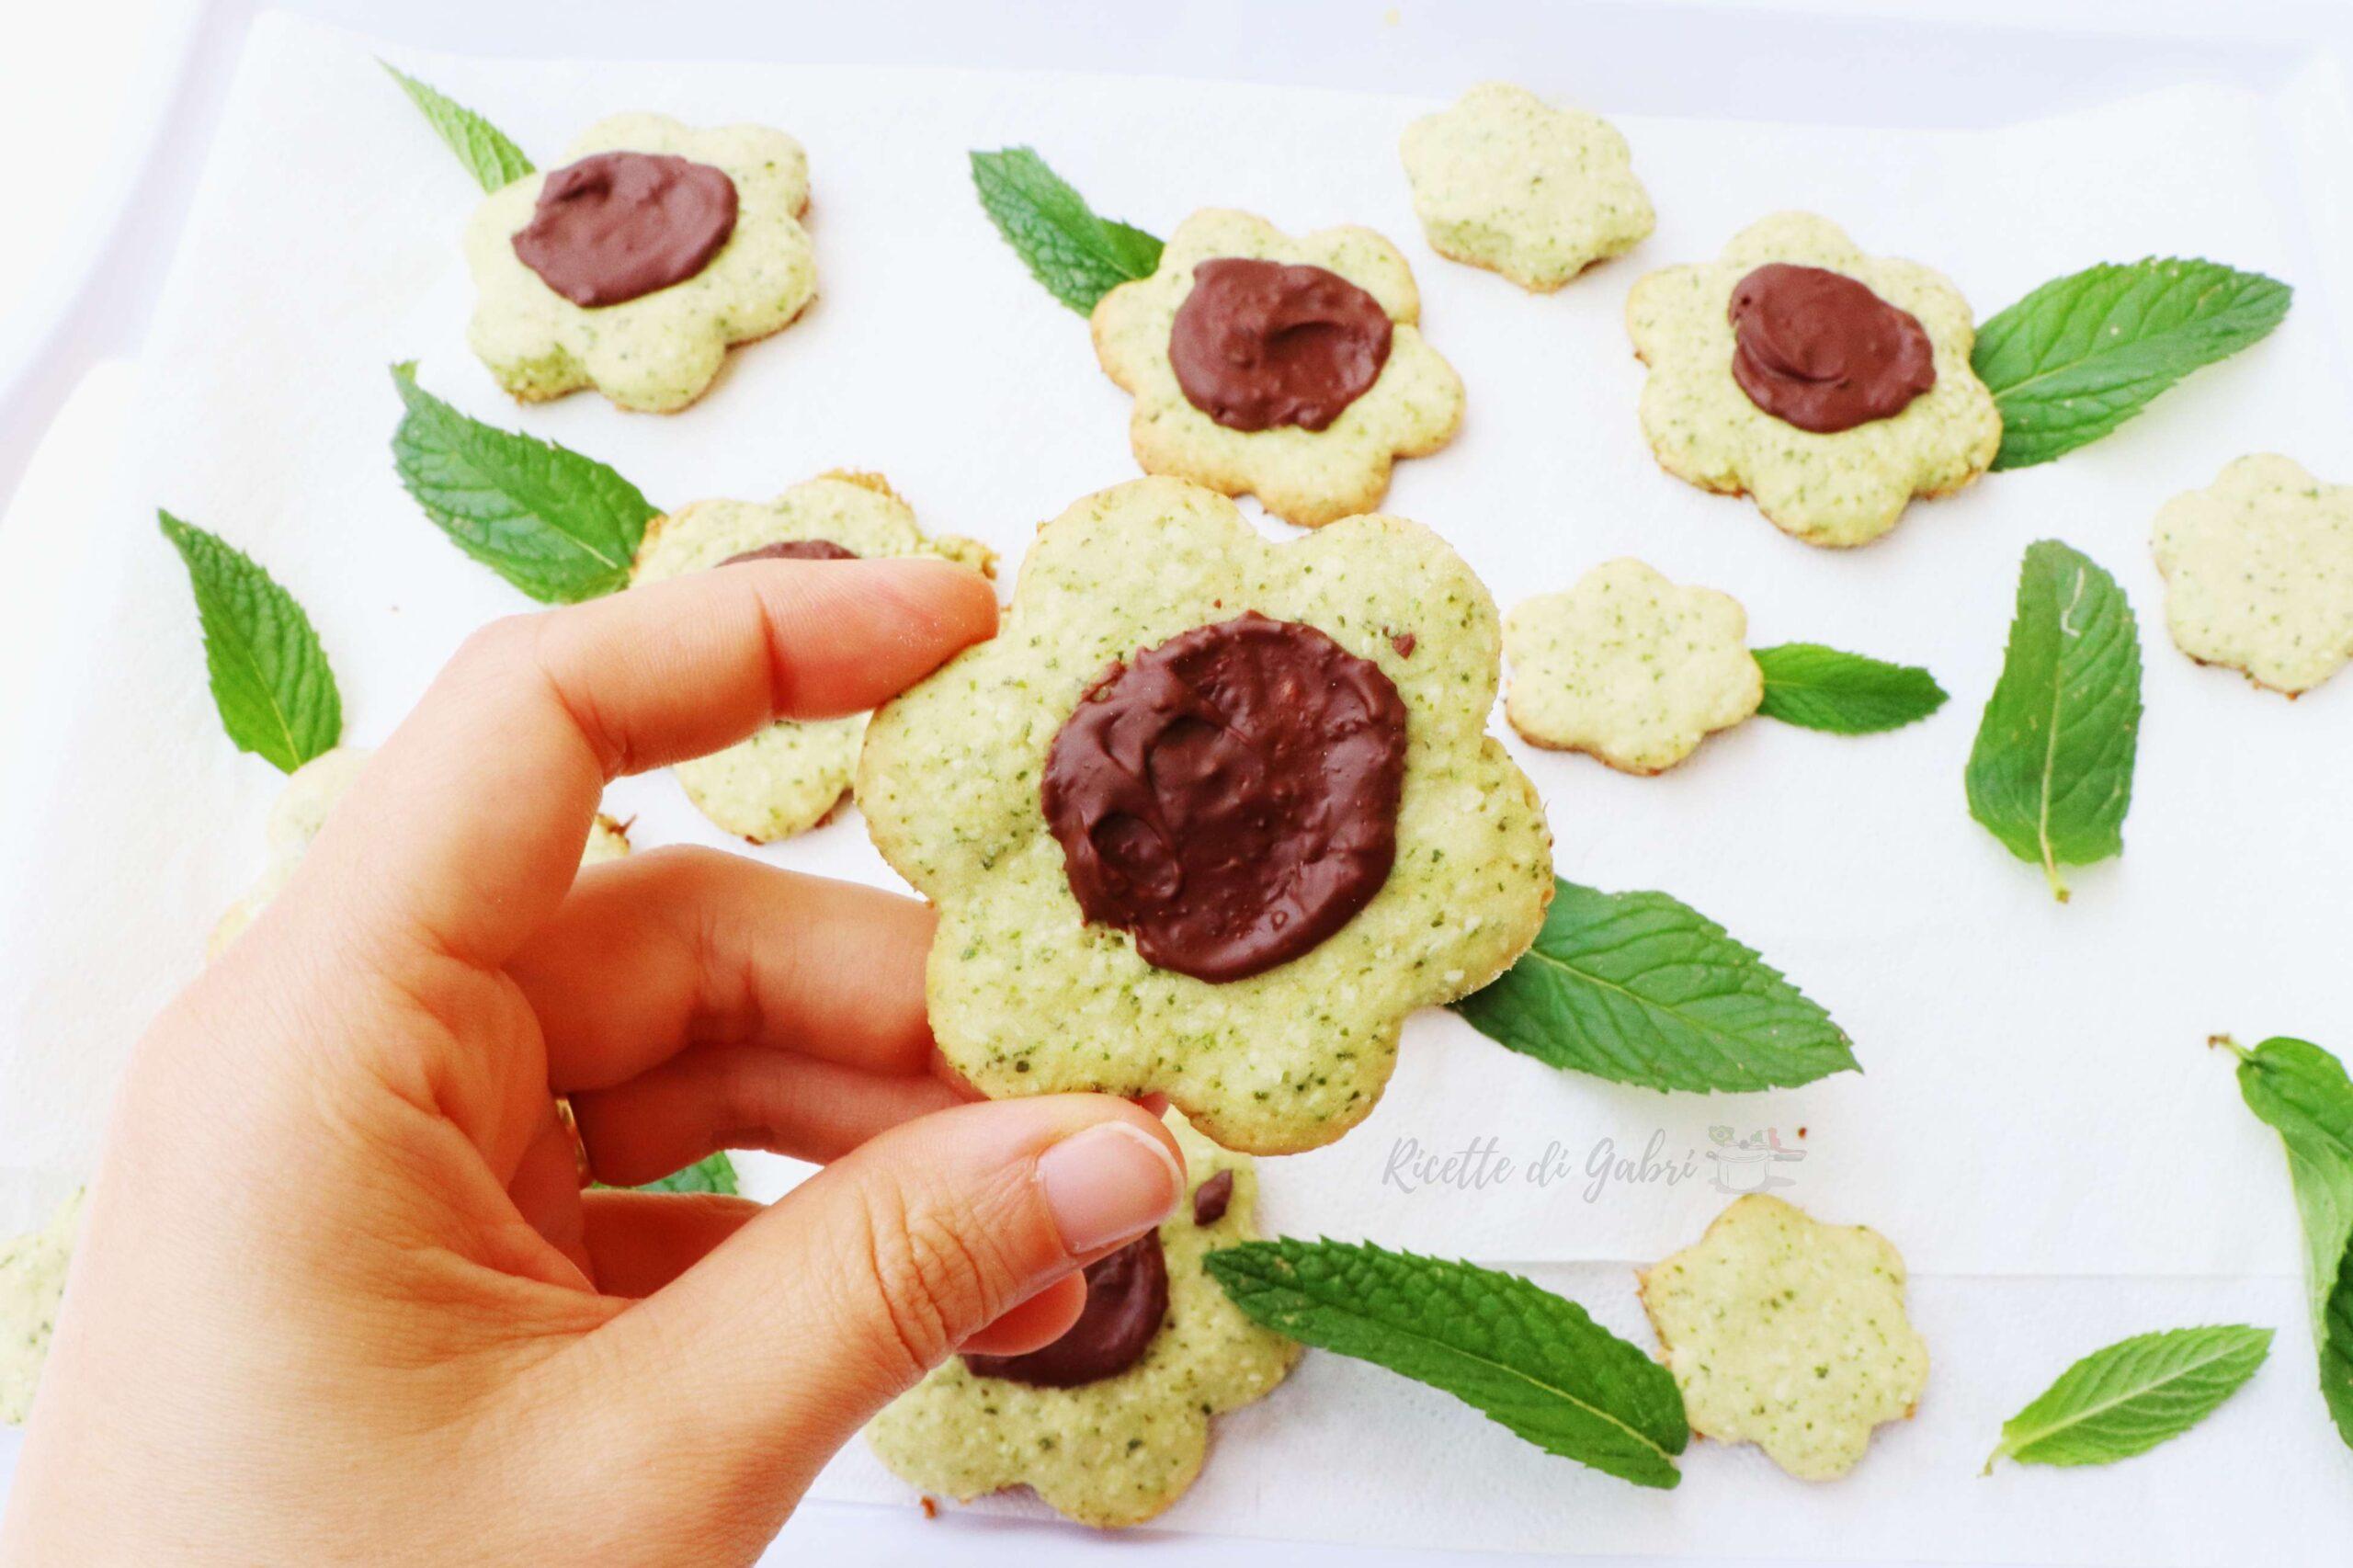 ricetta biscotti menta cocco e cioccolato gabri frolla alla menta senza burro facile veloce